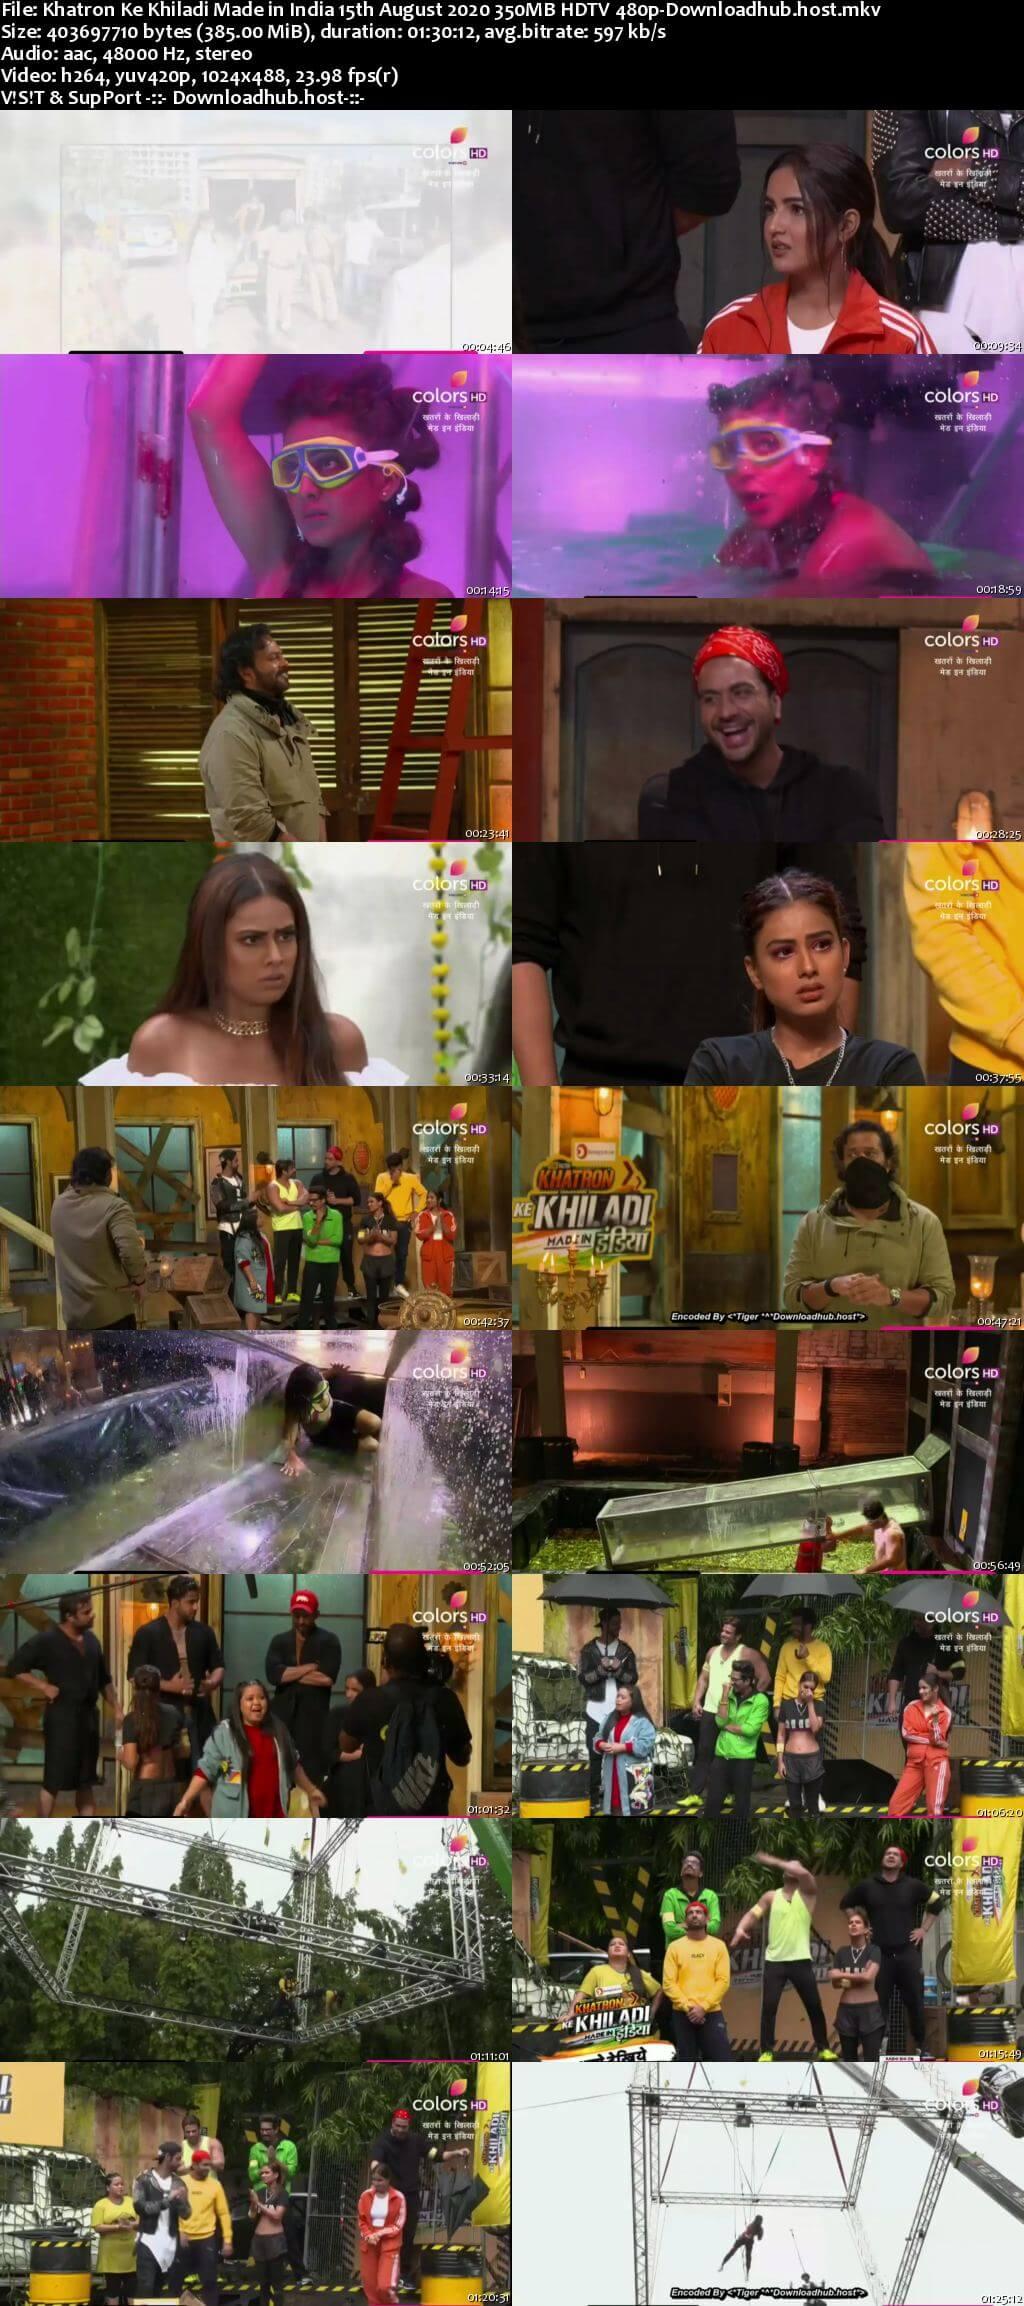 Khatron Ke Khiladi Made in India 15 August 2020 Episode 05 HDTV 480p